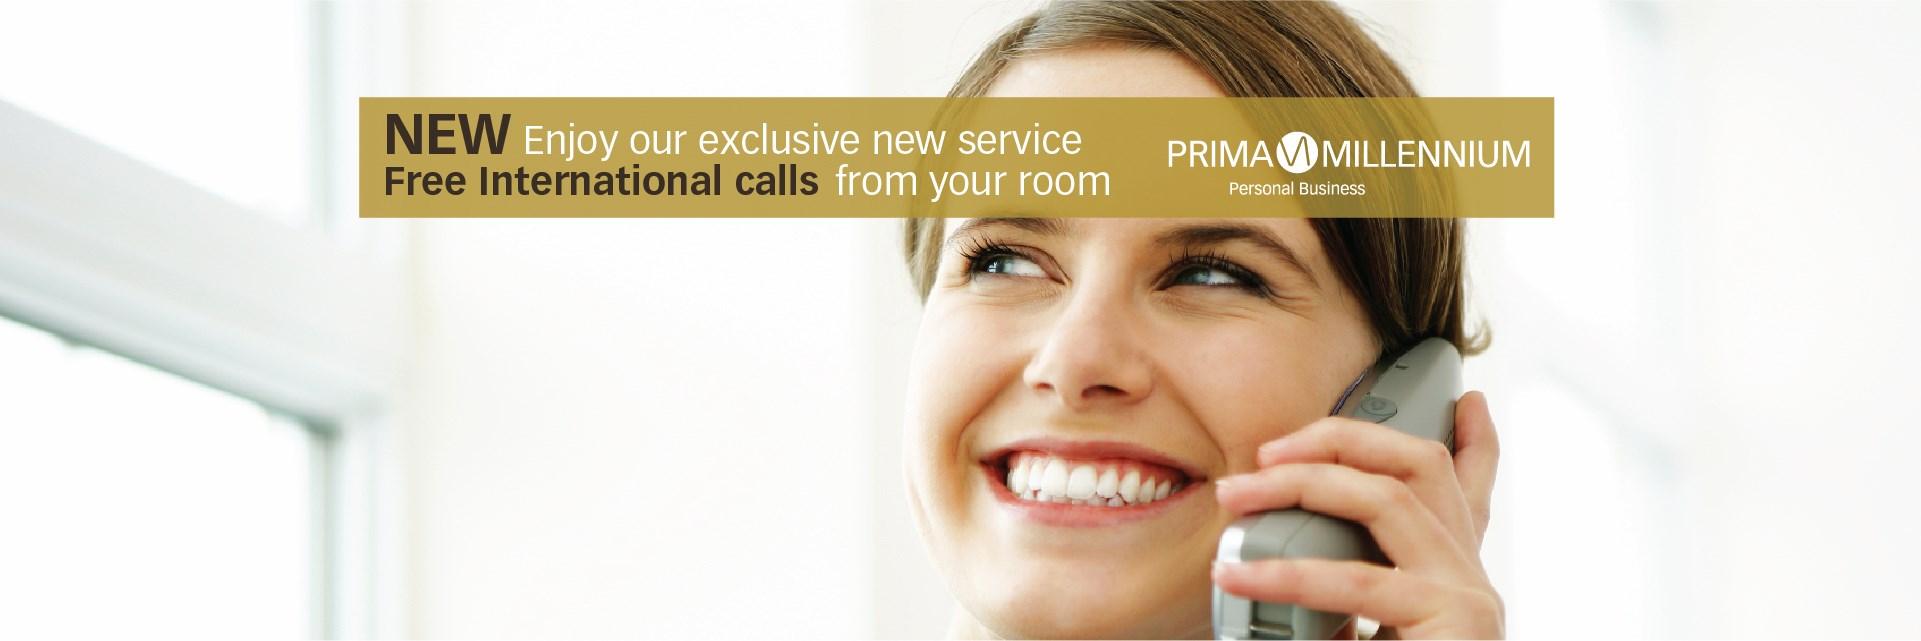 Free International Calls Prima Millennium